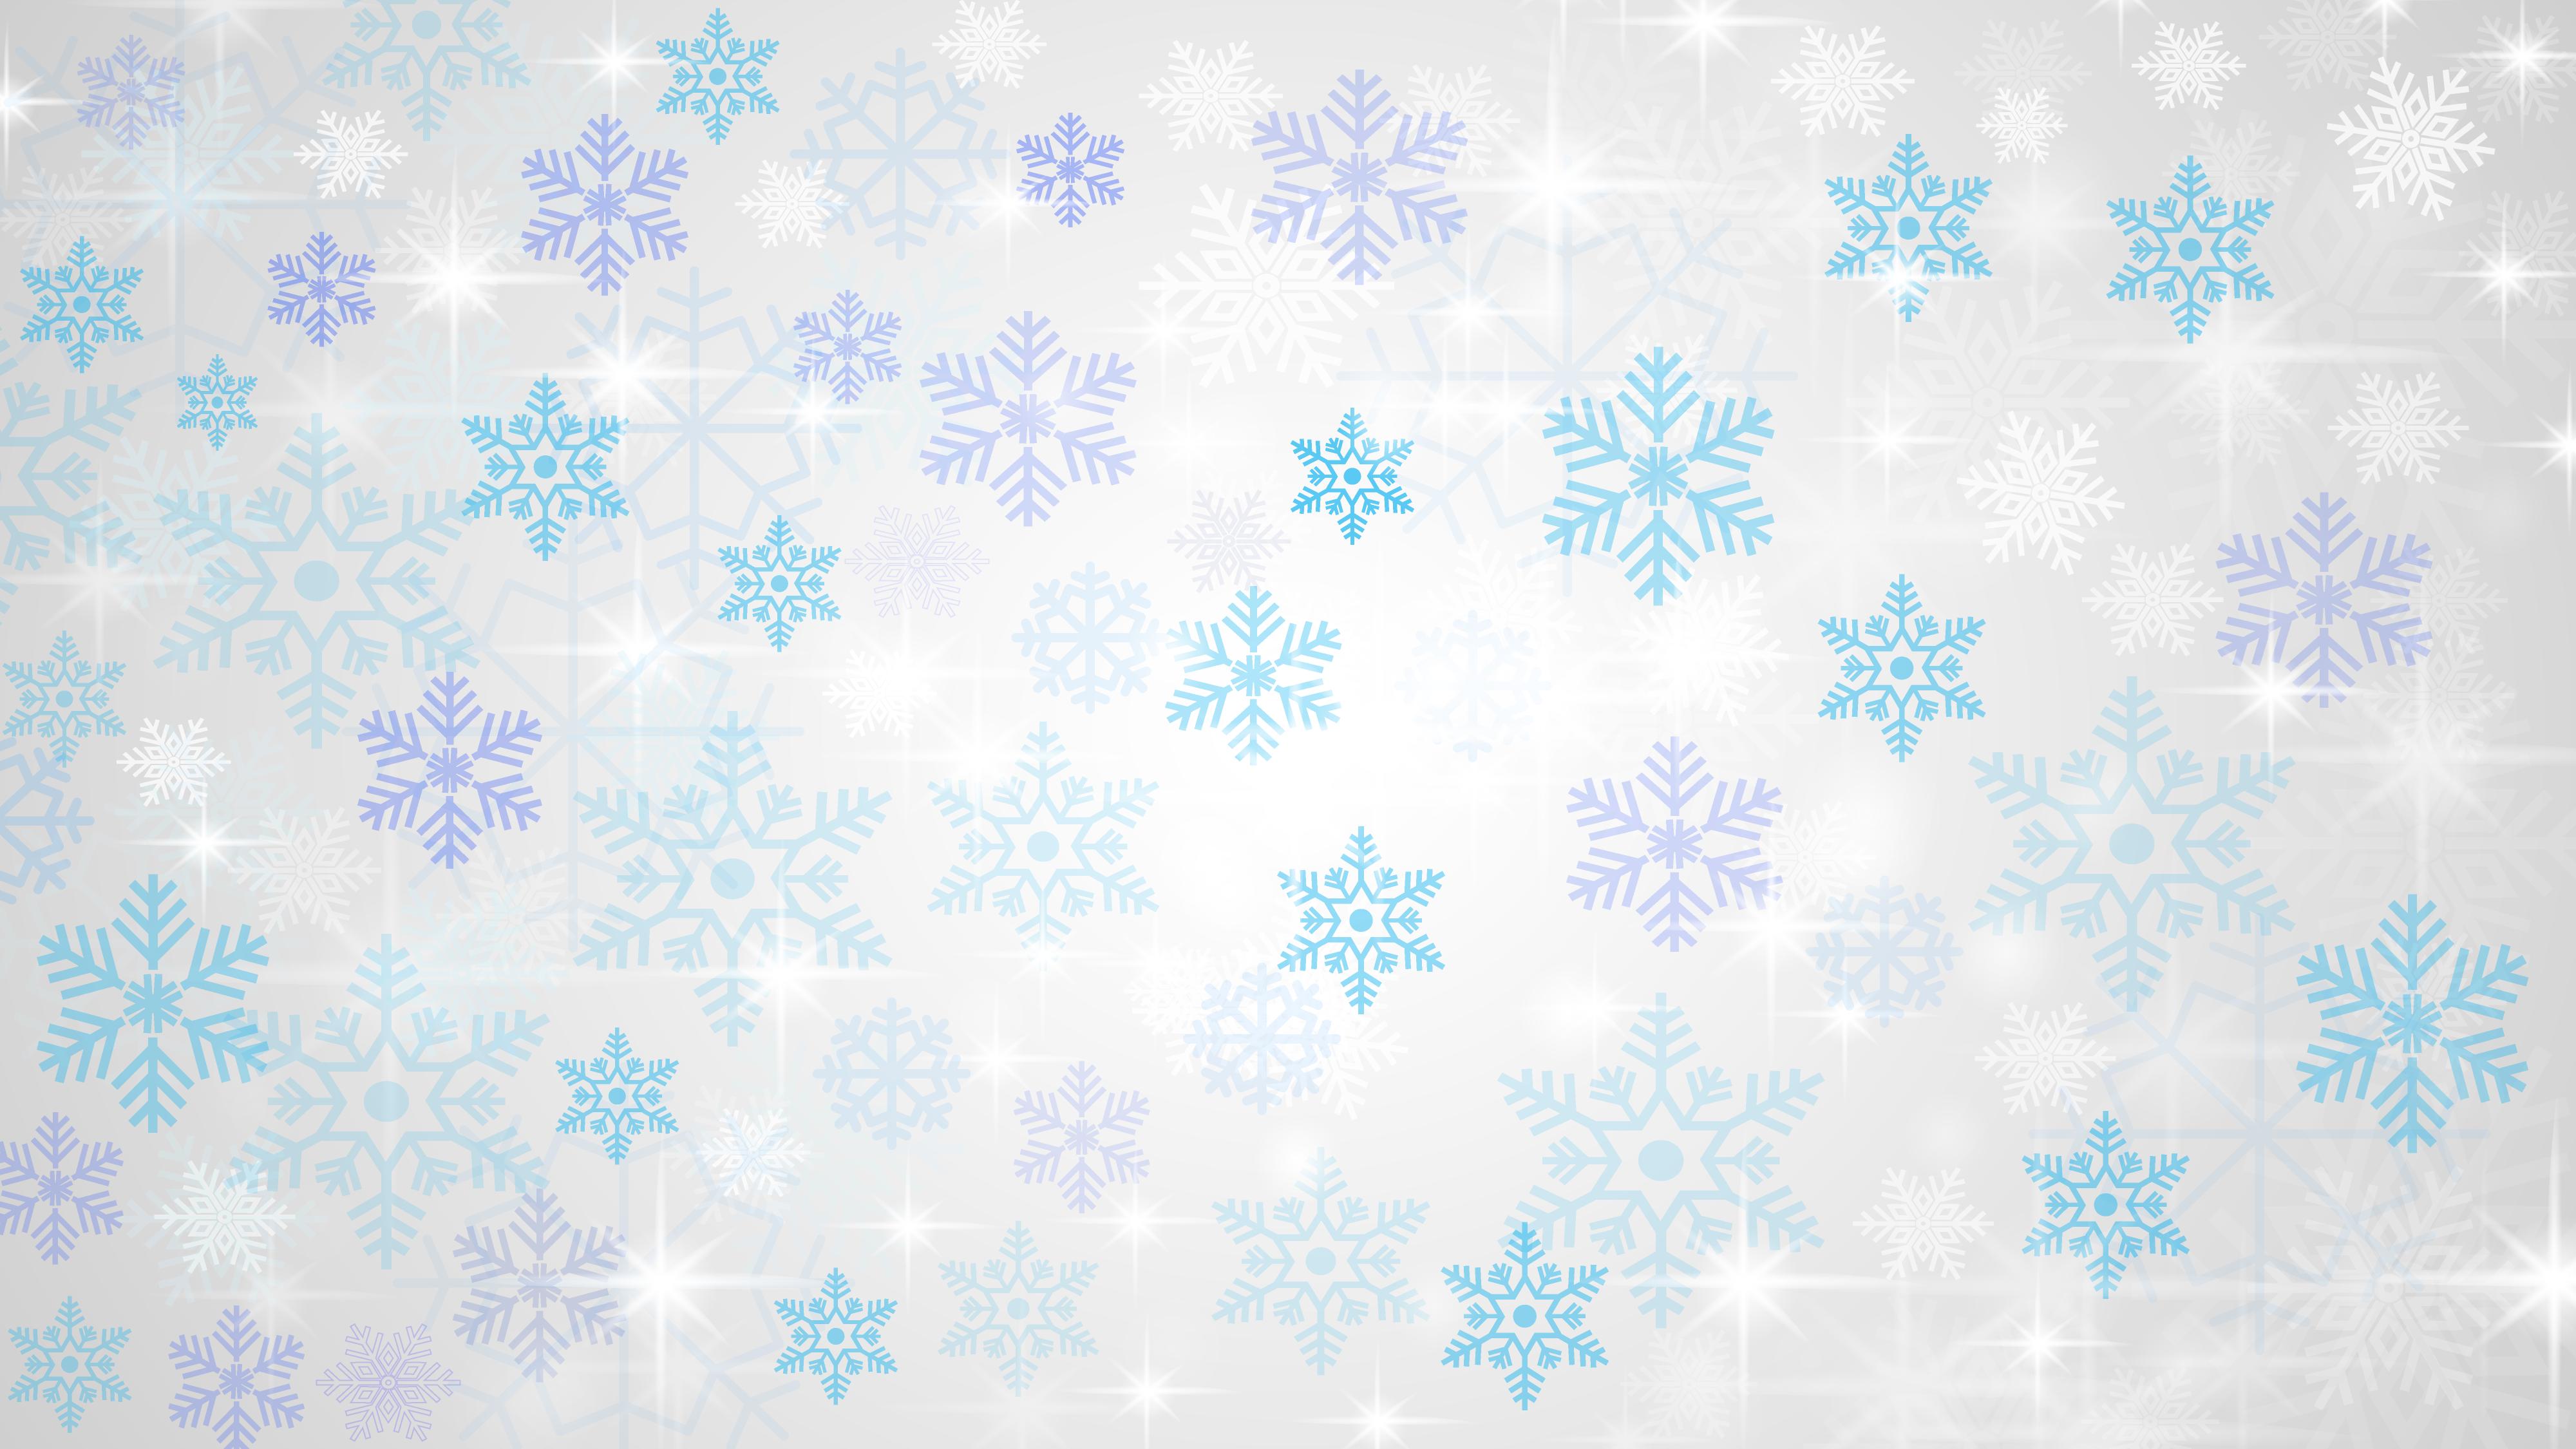 Gambar Hari Natal Bintang Latar Belakang Latar Belakang Putih Gembira Kartu Pos